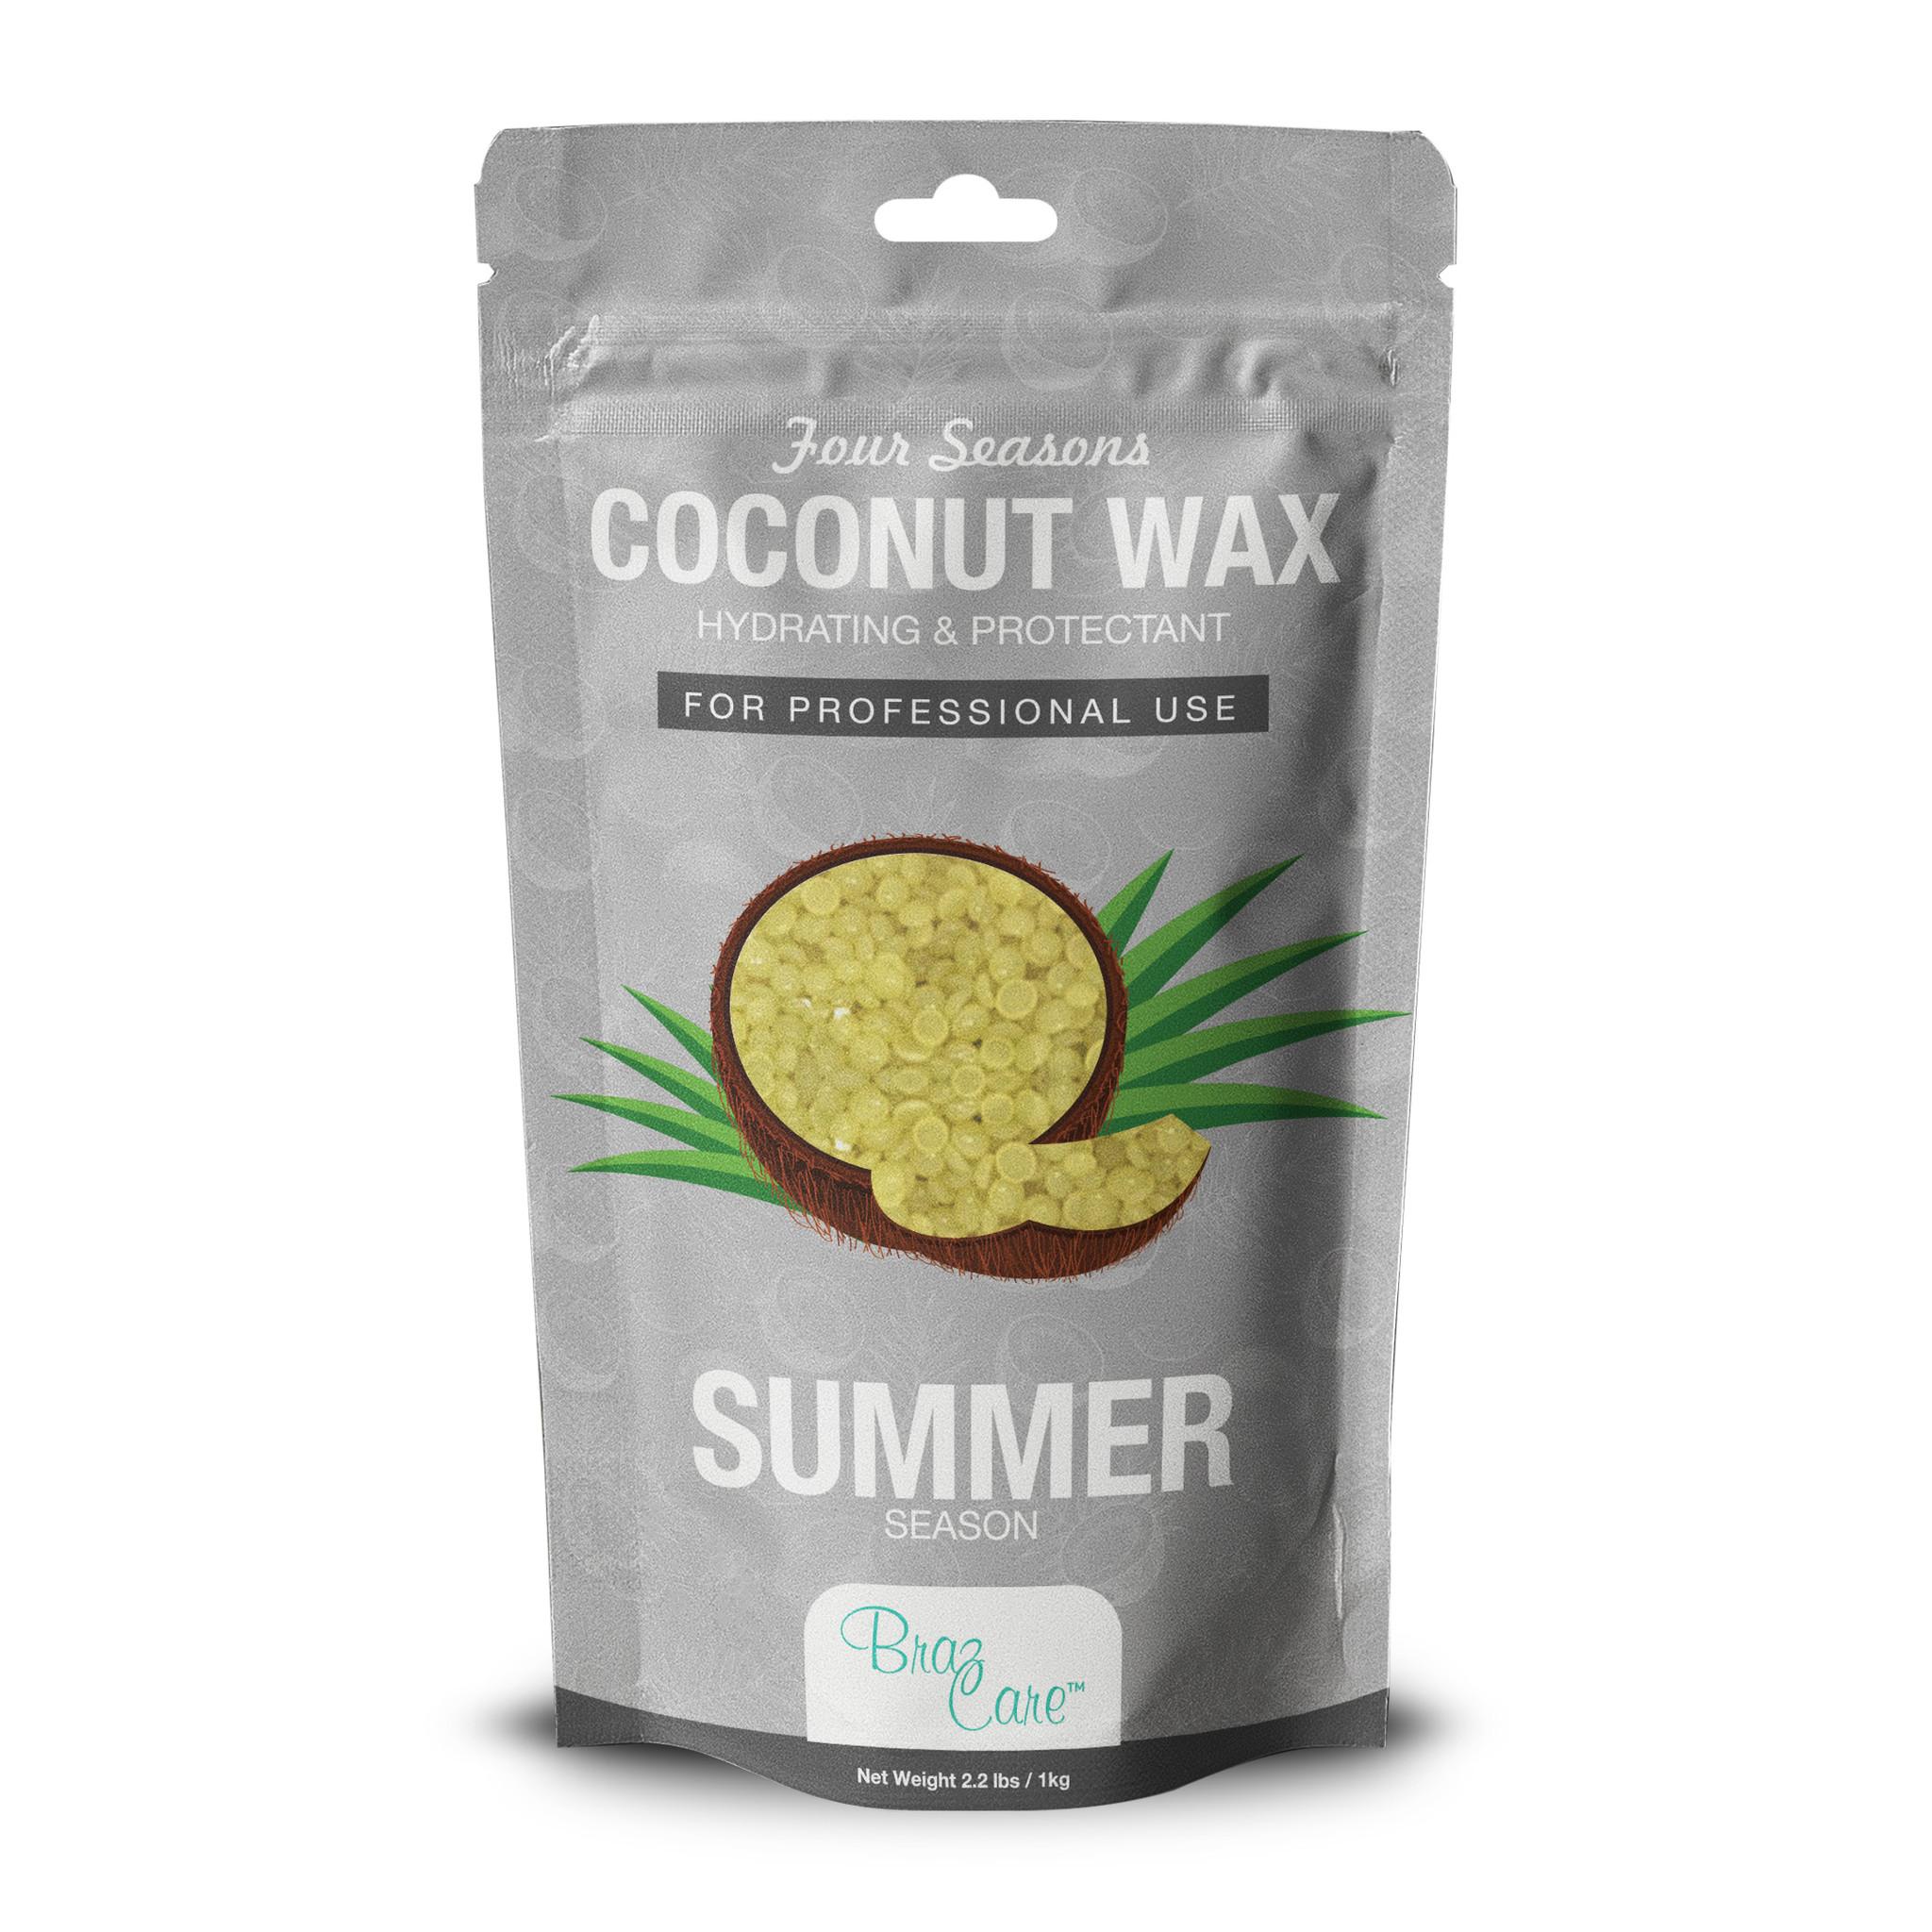 Hard Wax Coconut 2.2lb/1 kg